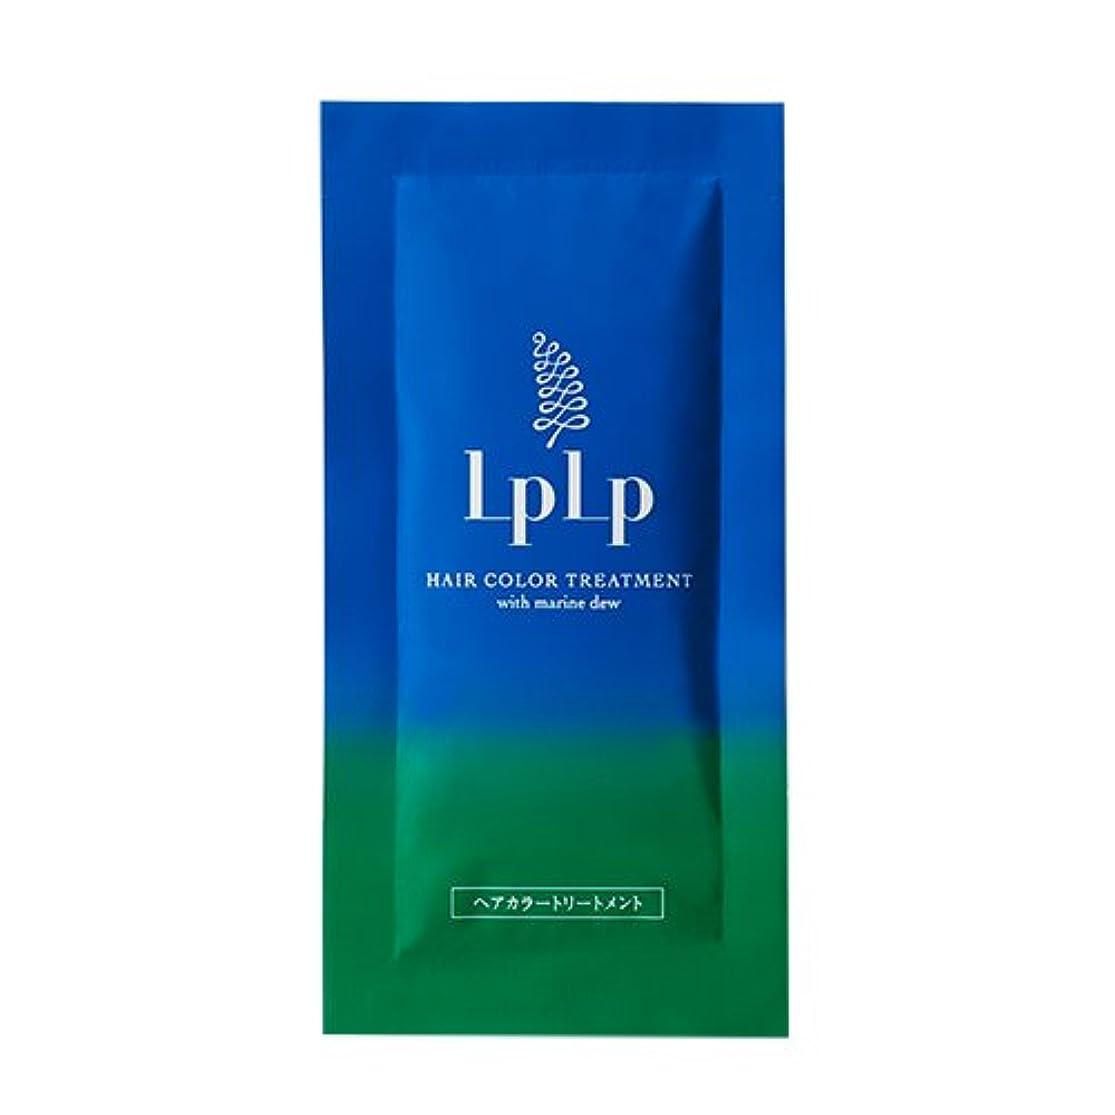 強要振り子嫌いLPLP(ルプルプ)ヘアカラートリートメントお試しパウチ ダークブラウン